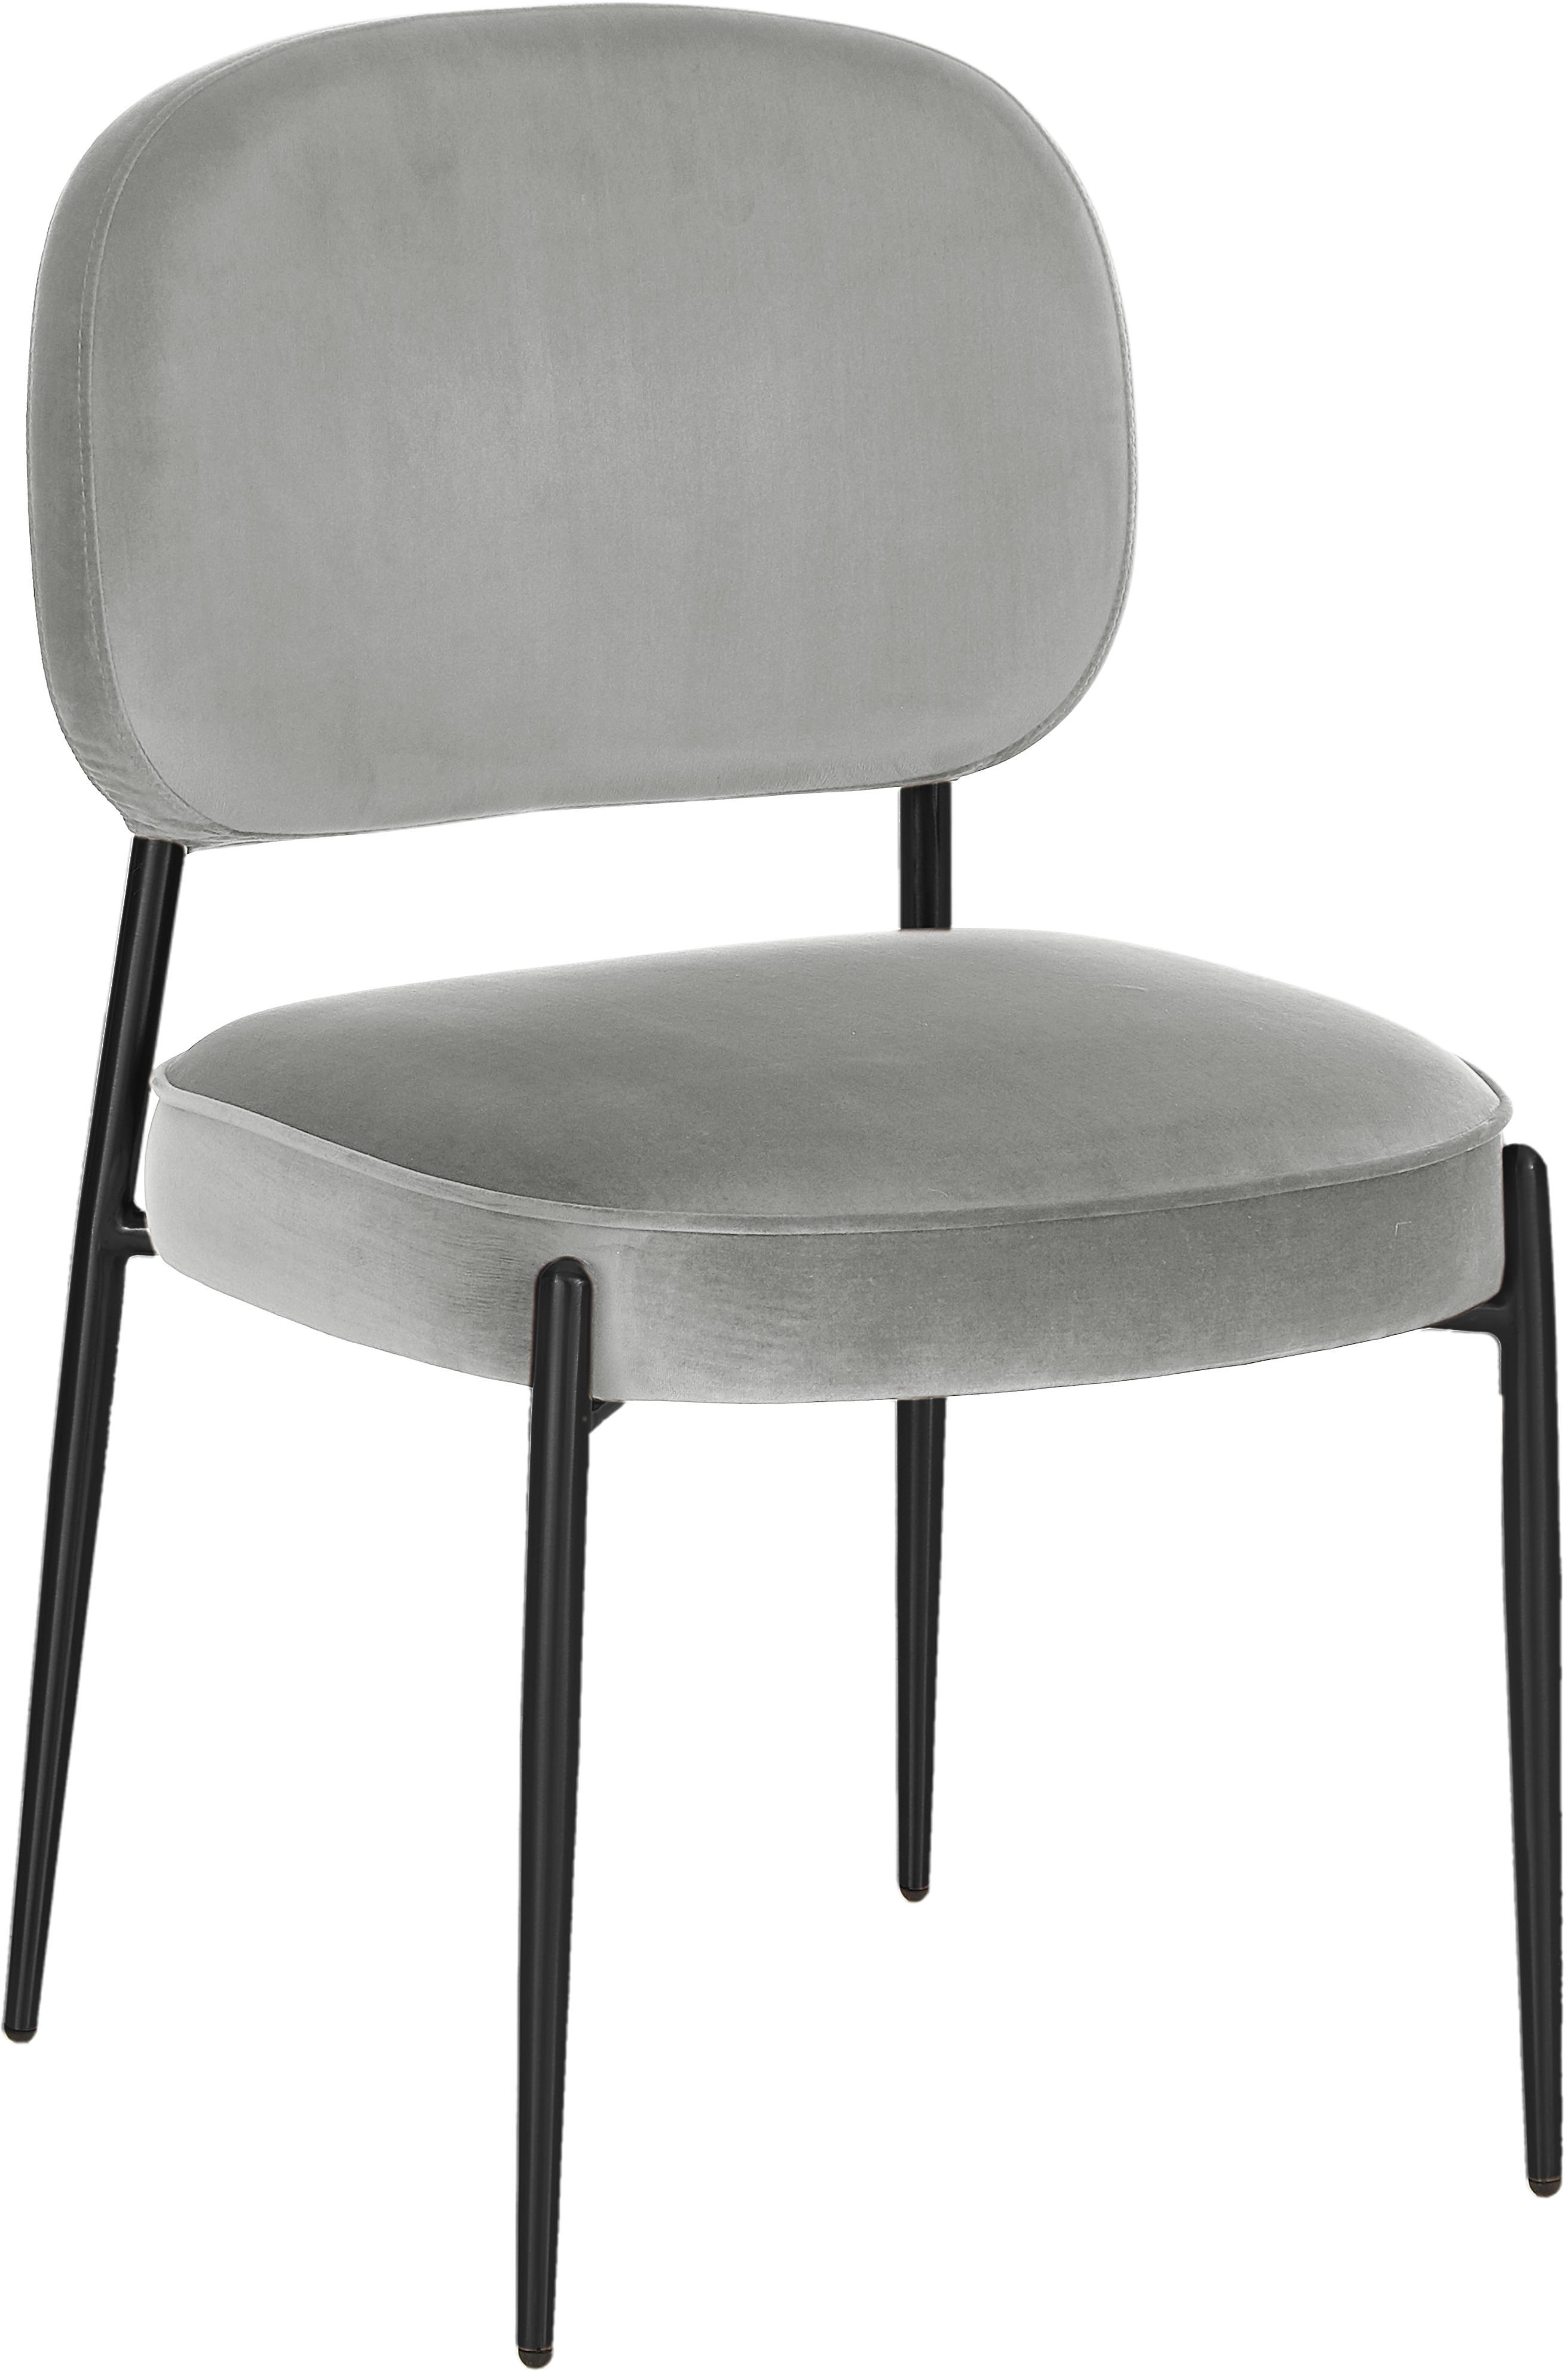 Krzesło tapicerowane z aksamitu Viggo, Tapicerka: aksamit (poliester) 50 00, Aksamitny szary, nogi: czarny, S 49 x W 79 cm